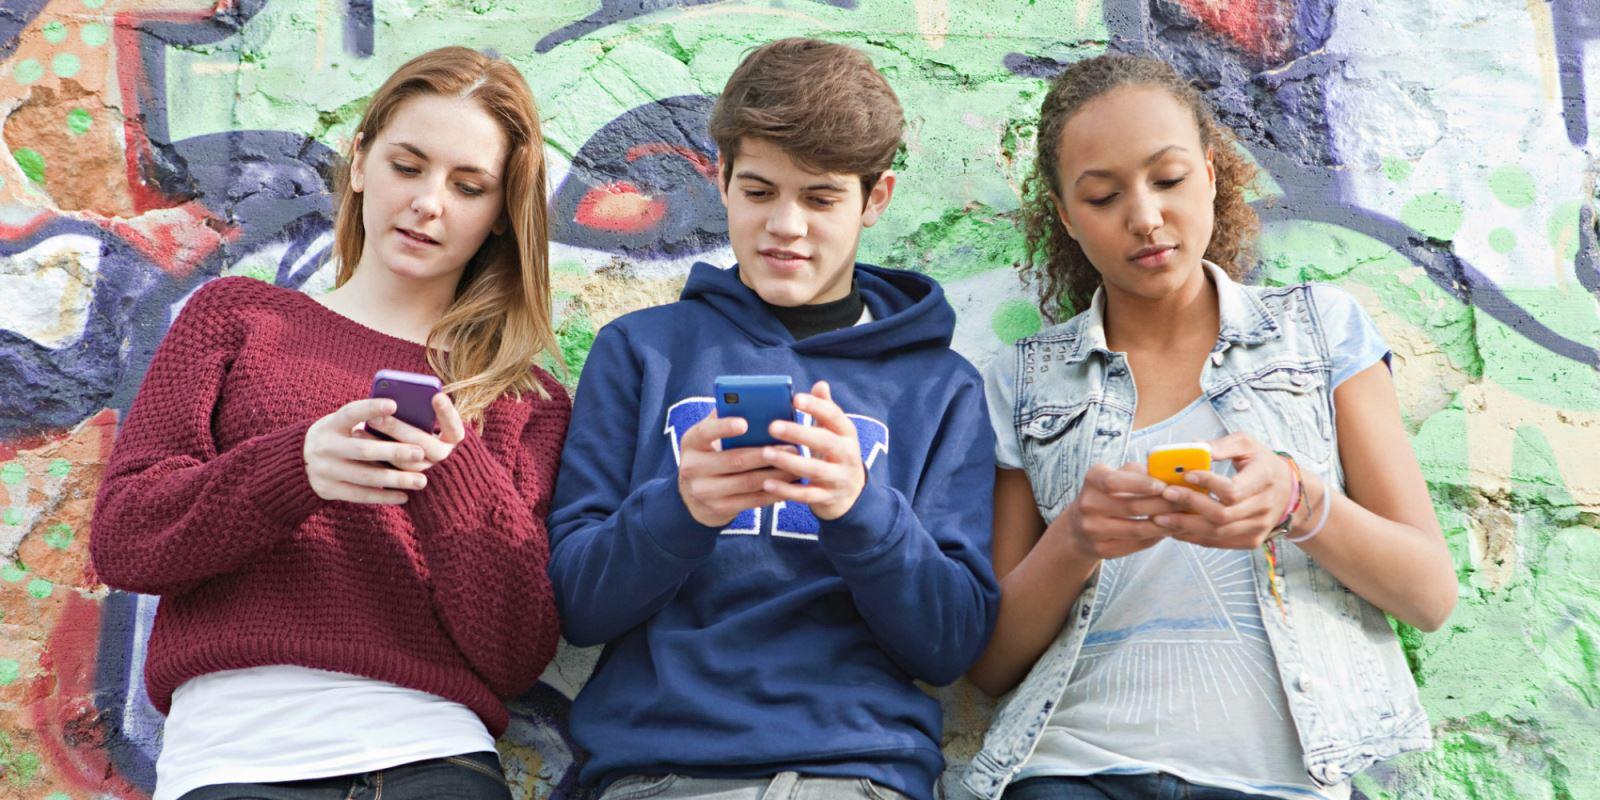 Американские подростки стали взрослеть медленнее